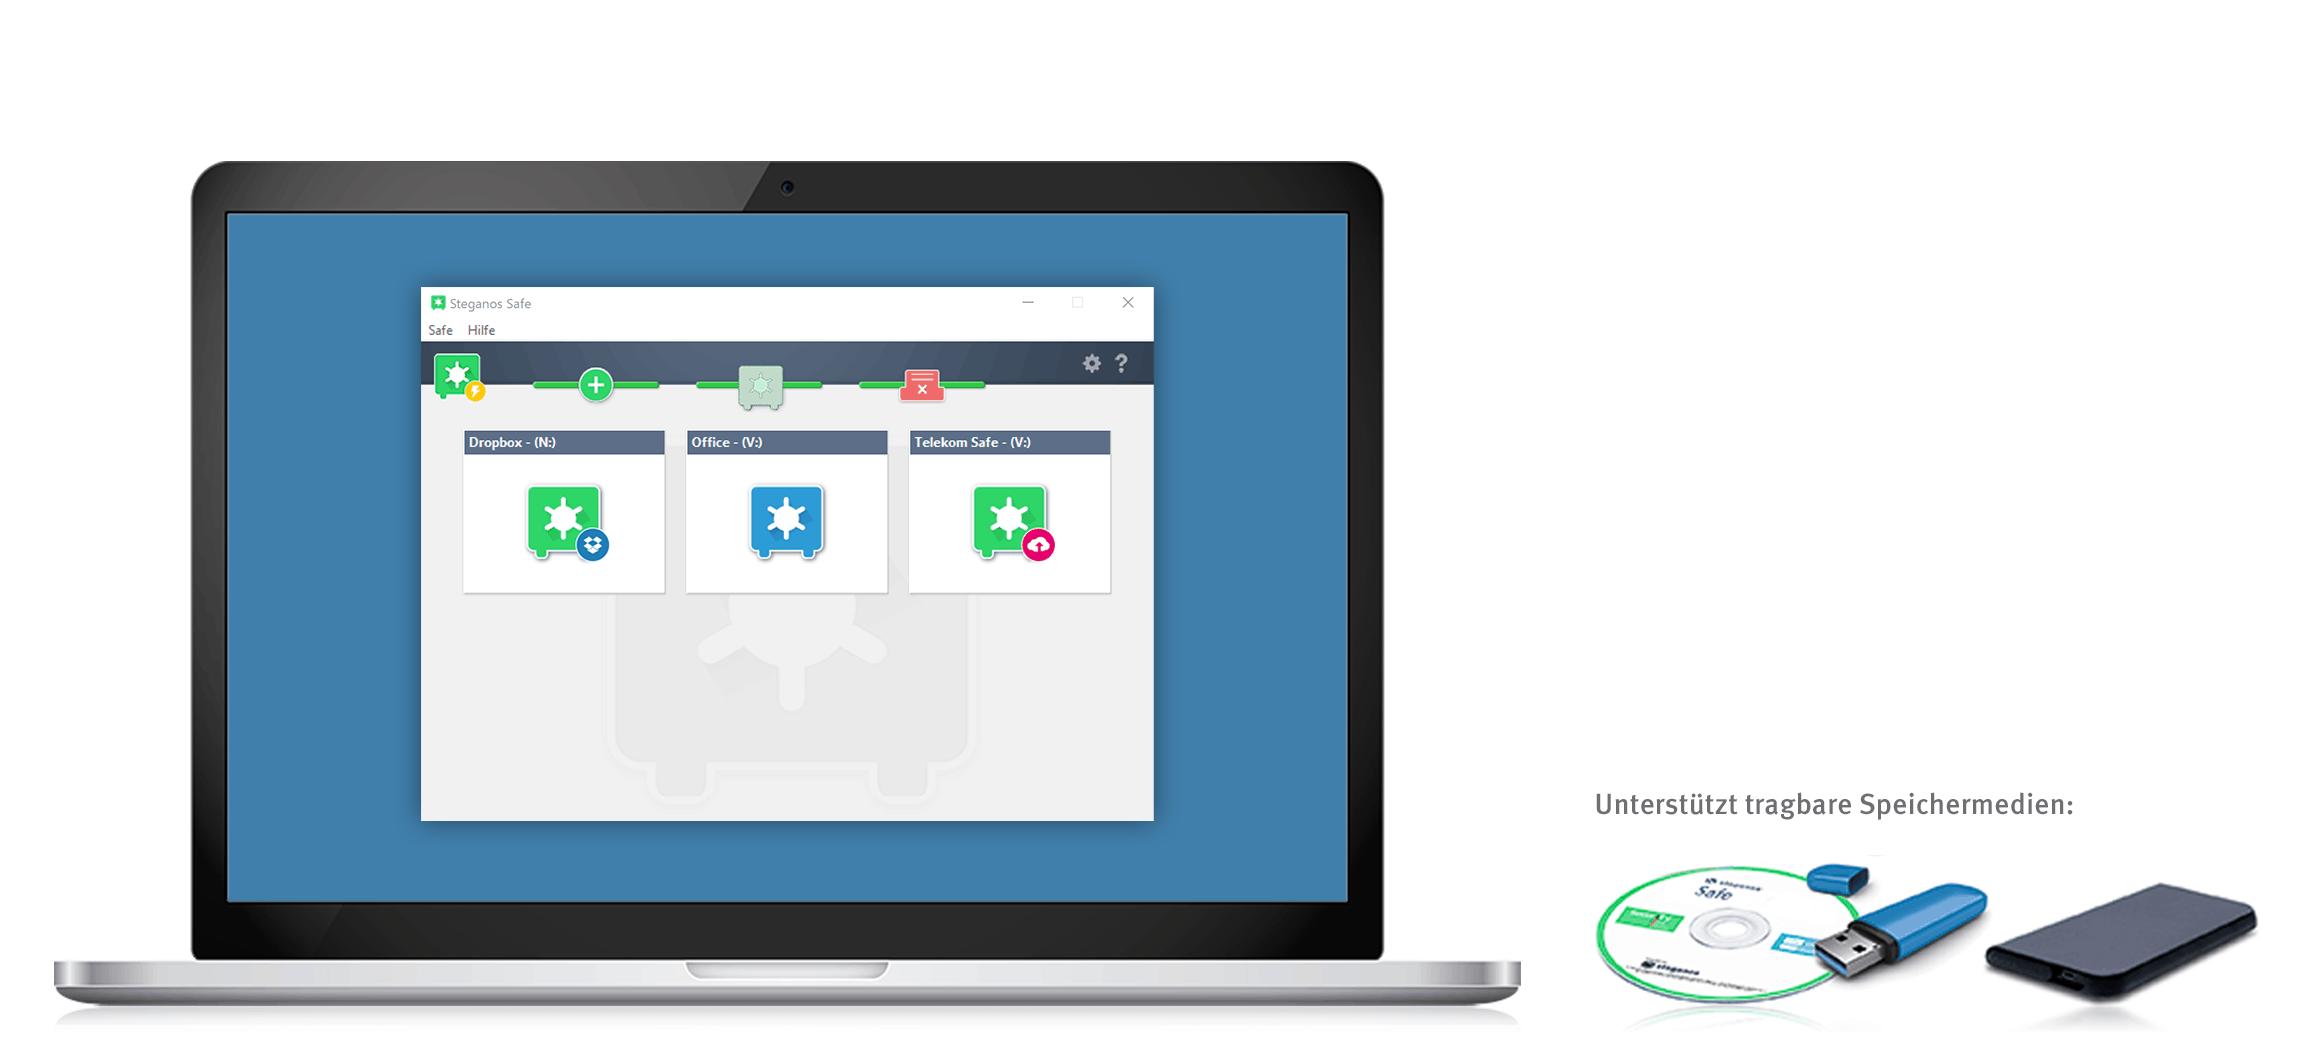 Schützen Sie Ihre Daten mit der kostenlosen Vollversion von Steganos Safe 21